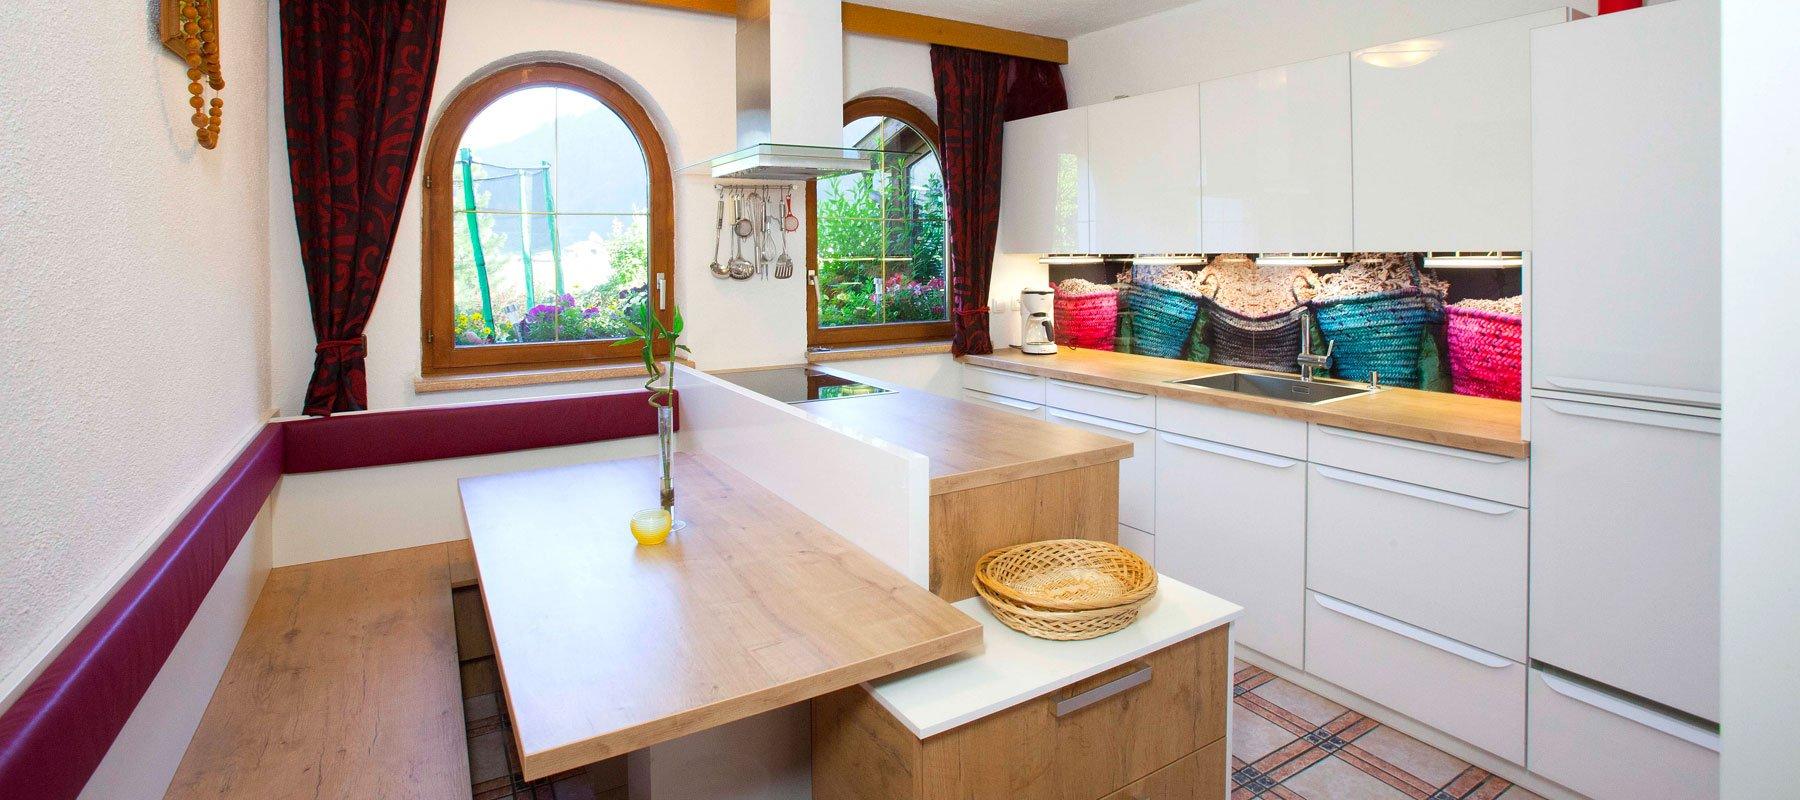 Haus Florentine Küche